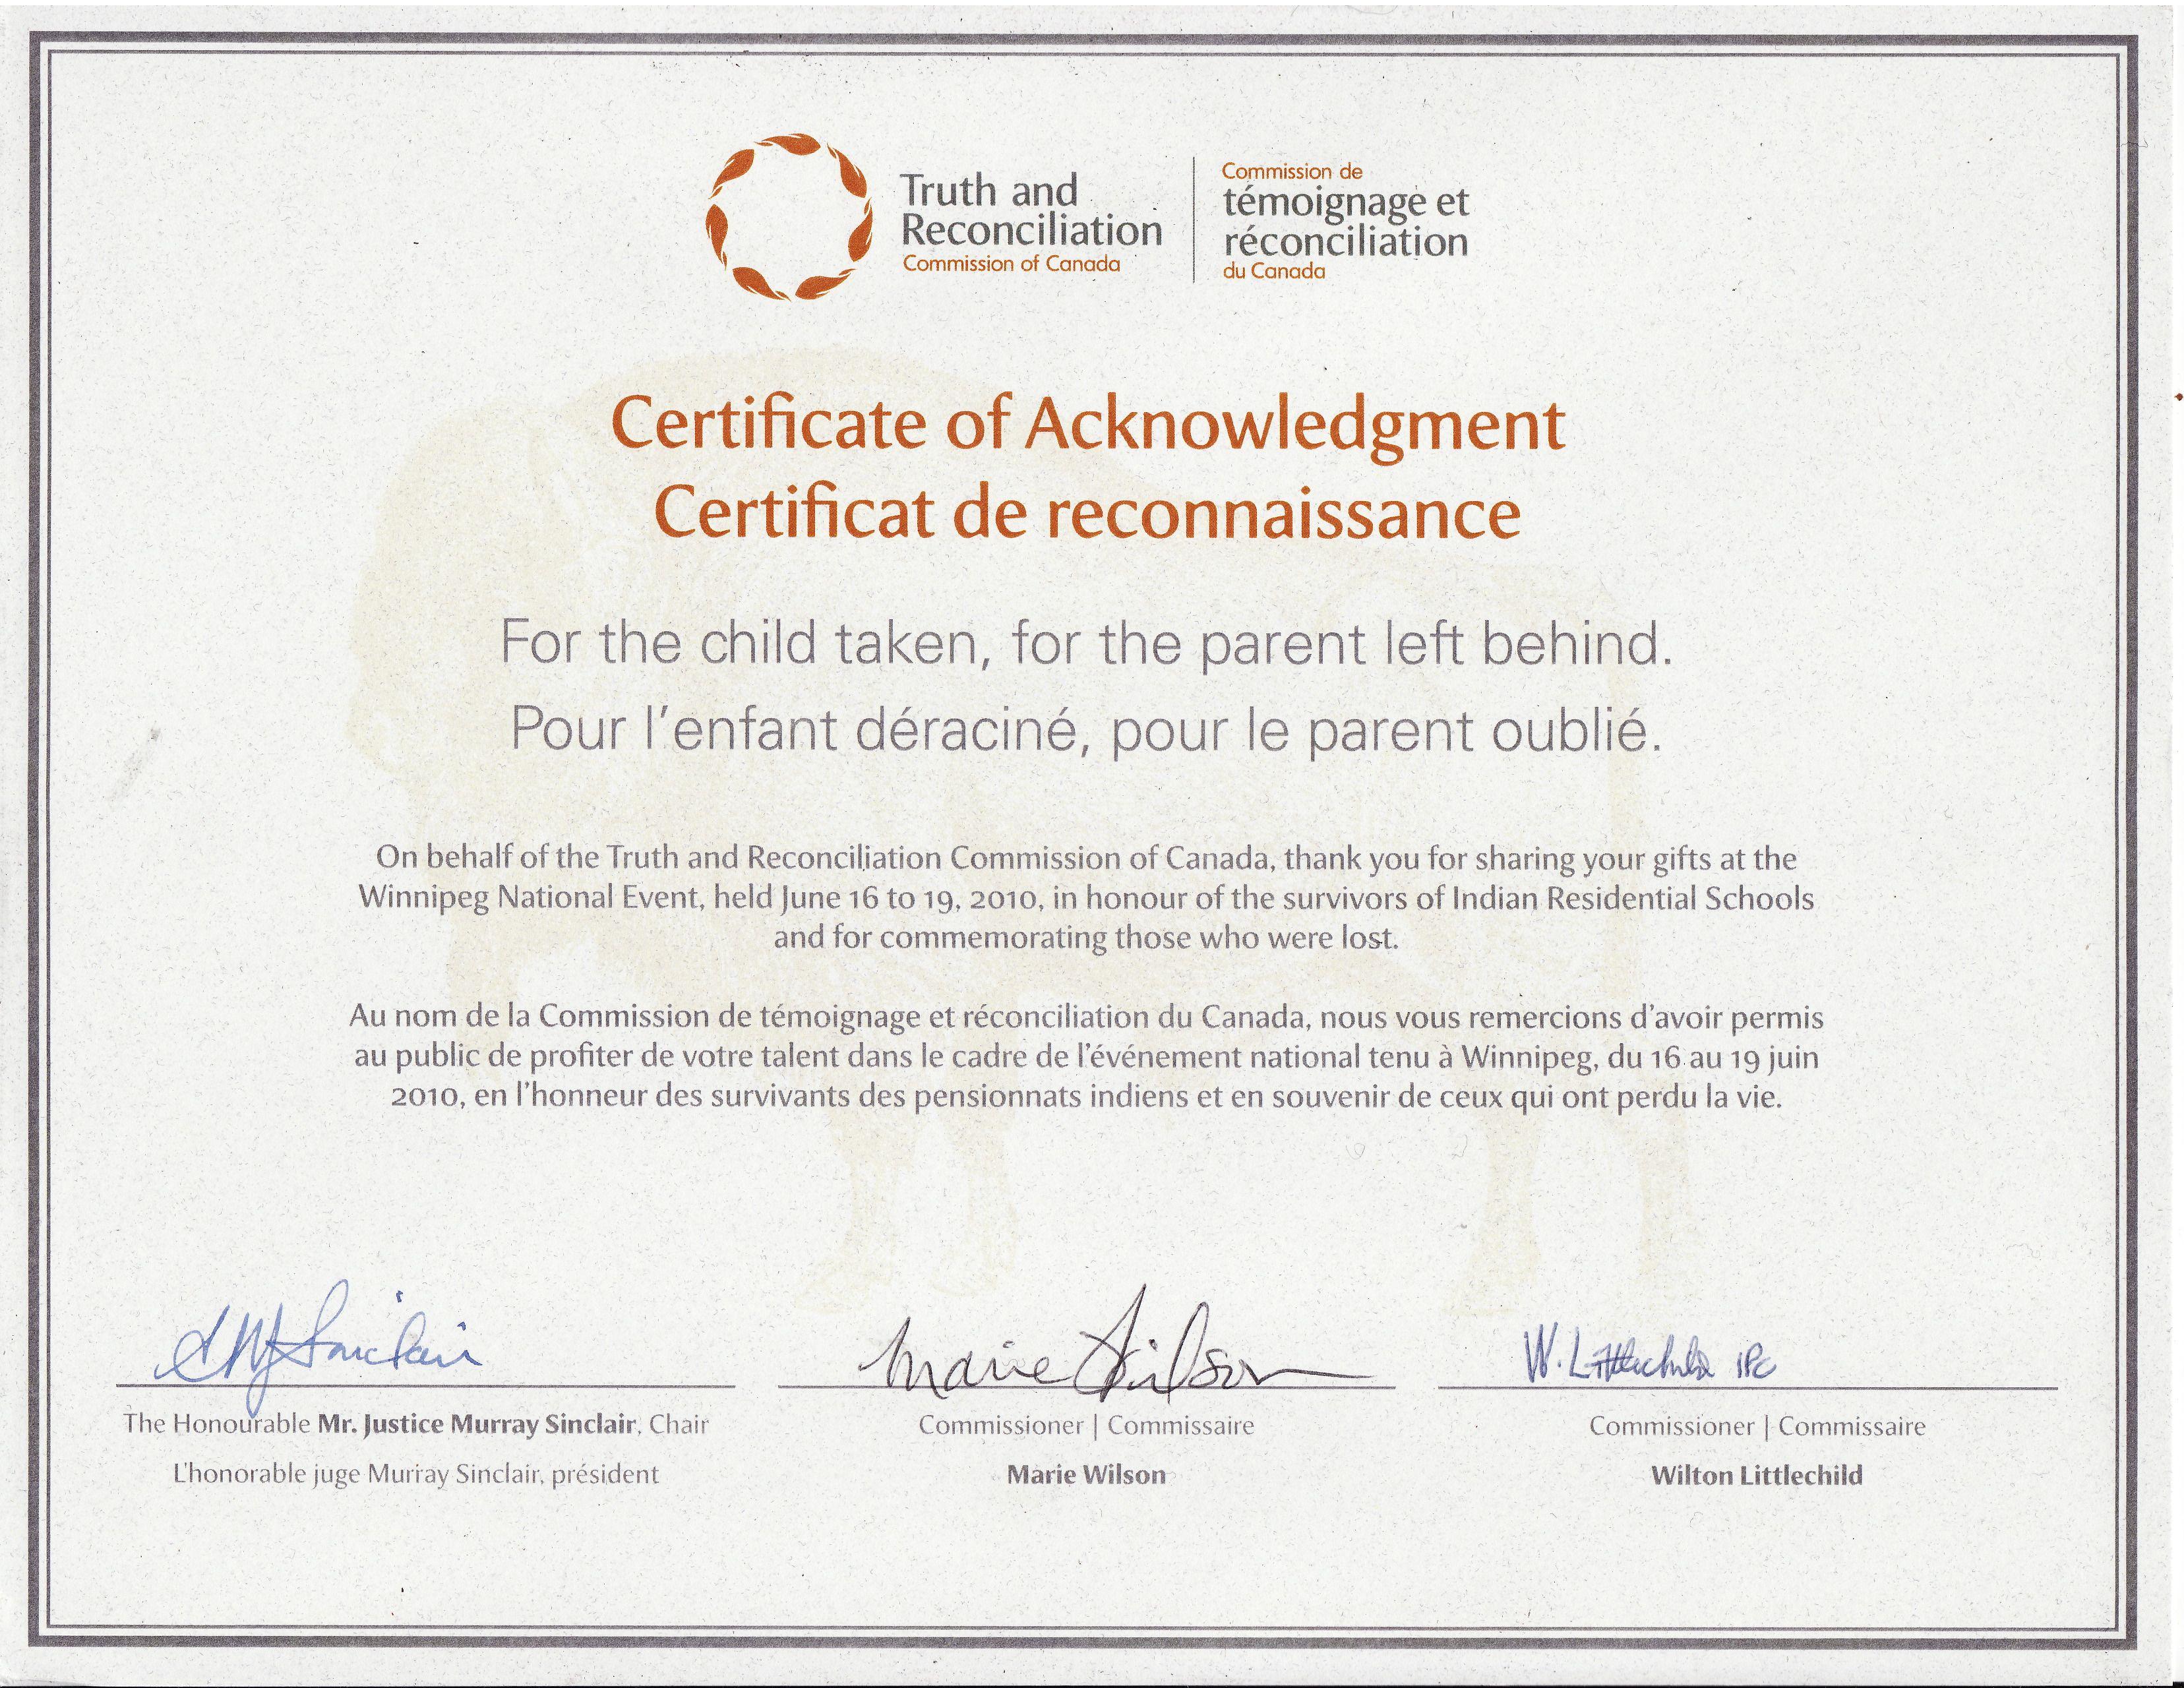 Magic arrow productions certificate of acknowledgement xflitez Images